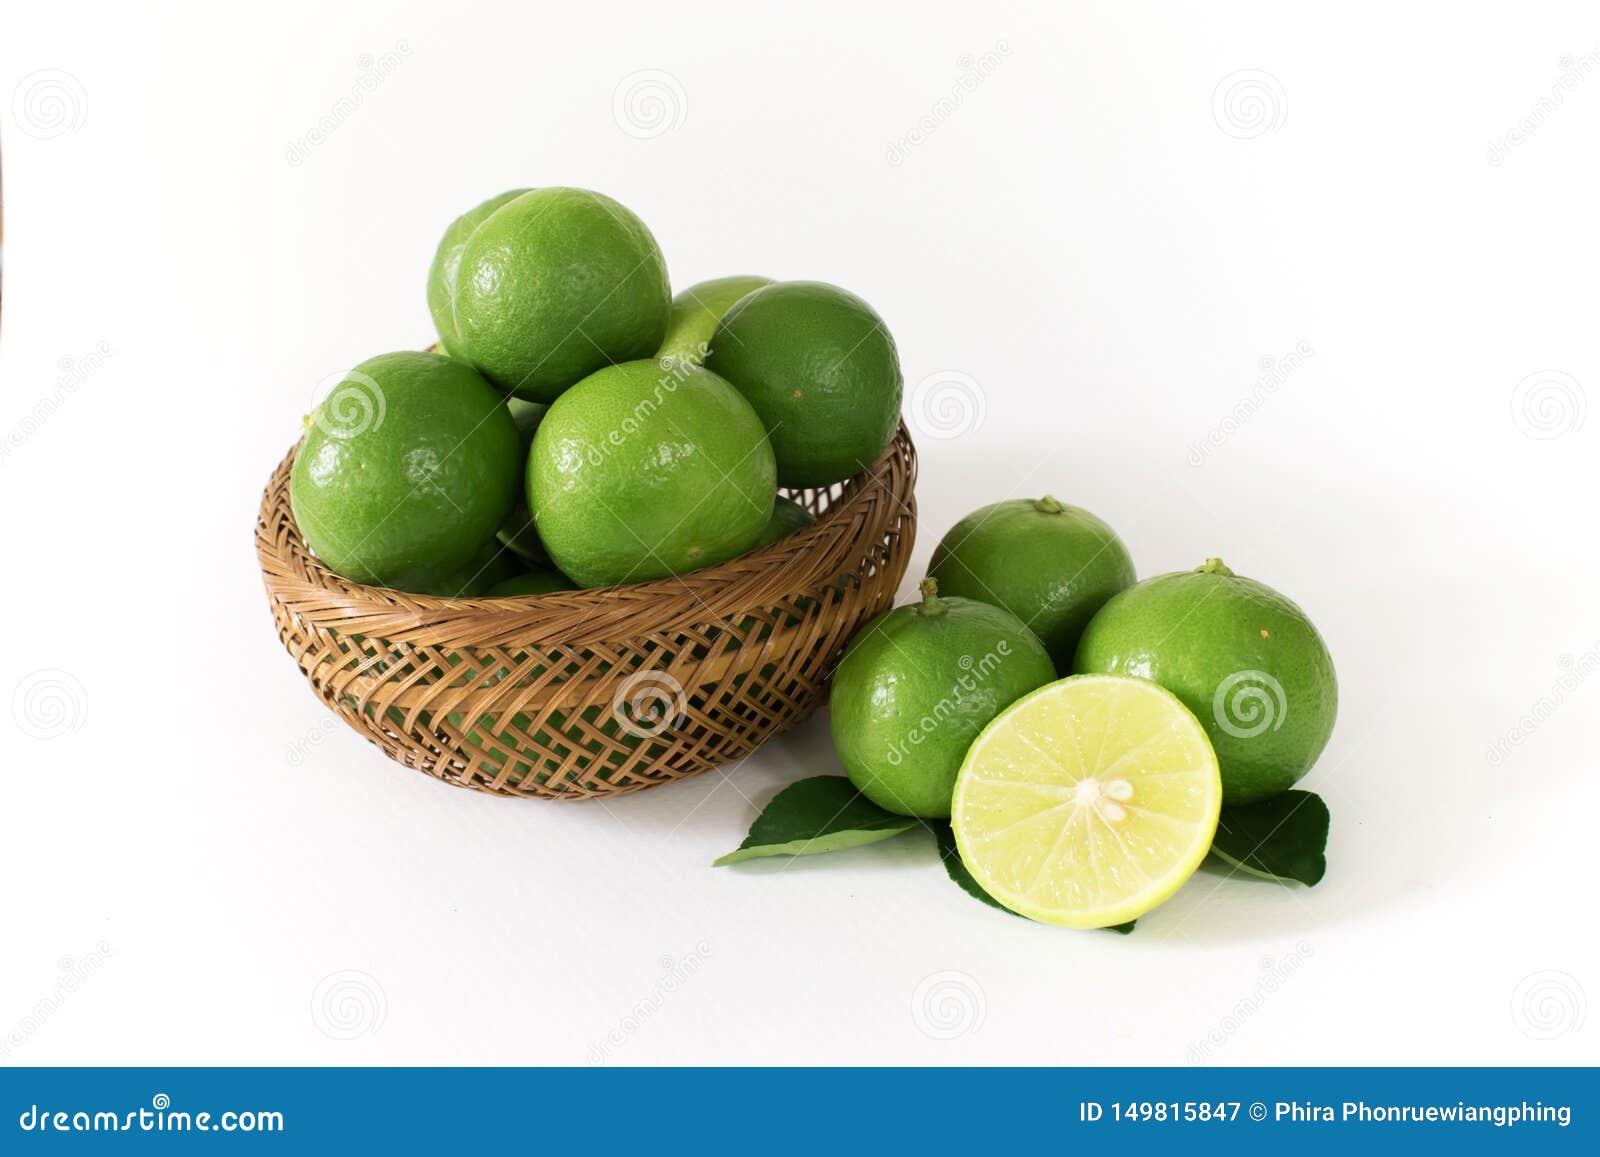 Os lotes do limão verde estão em uma cesta de madeira E alguma da parte externa com as fatias do limão cortadas ao meio no lado